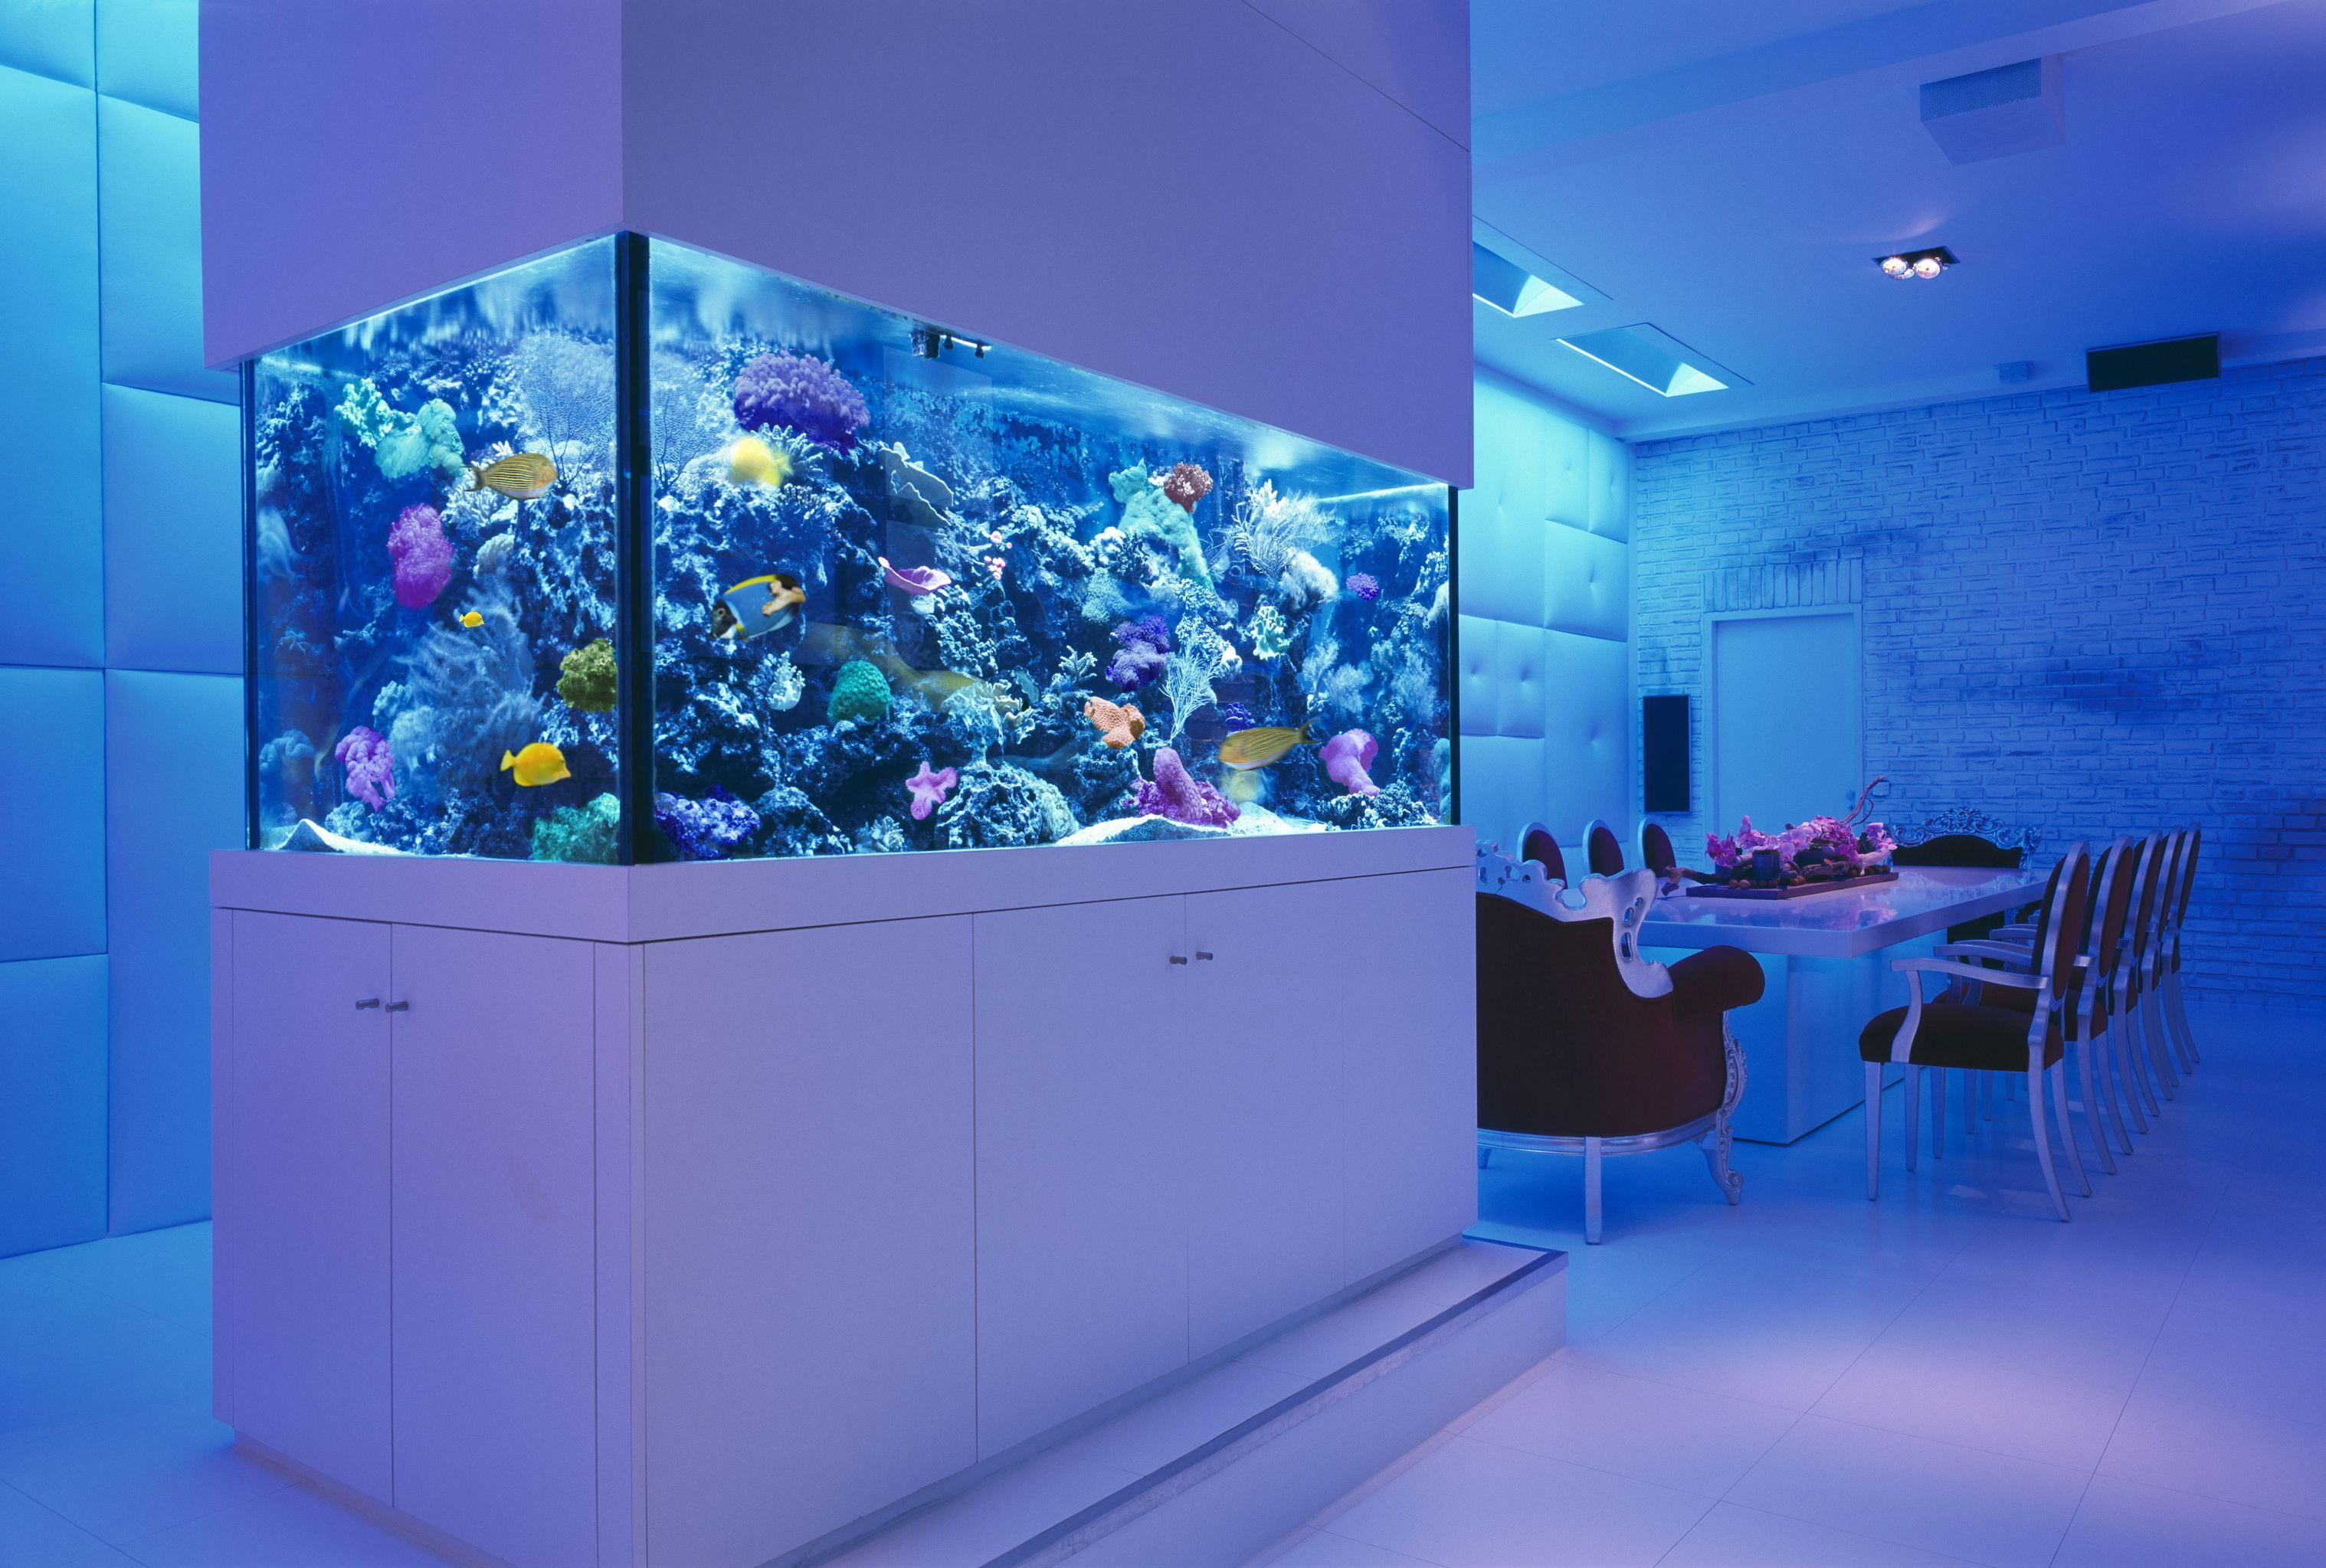 Coolest fish for freshwater aquarium - Luxury Apartment With Giant Aquarium Cool Apartments Condos Homes Pinterest Luxury Aquarium And Luxury Apartments